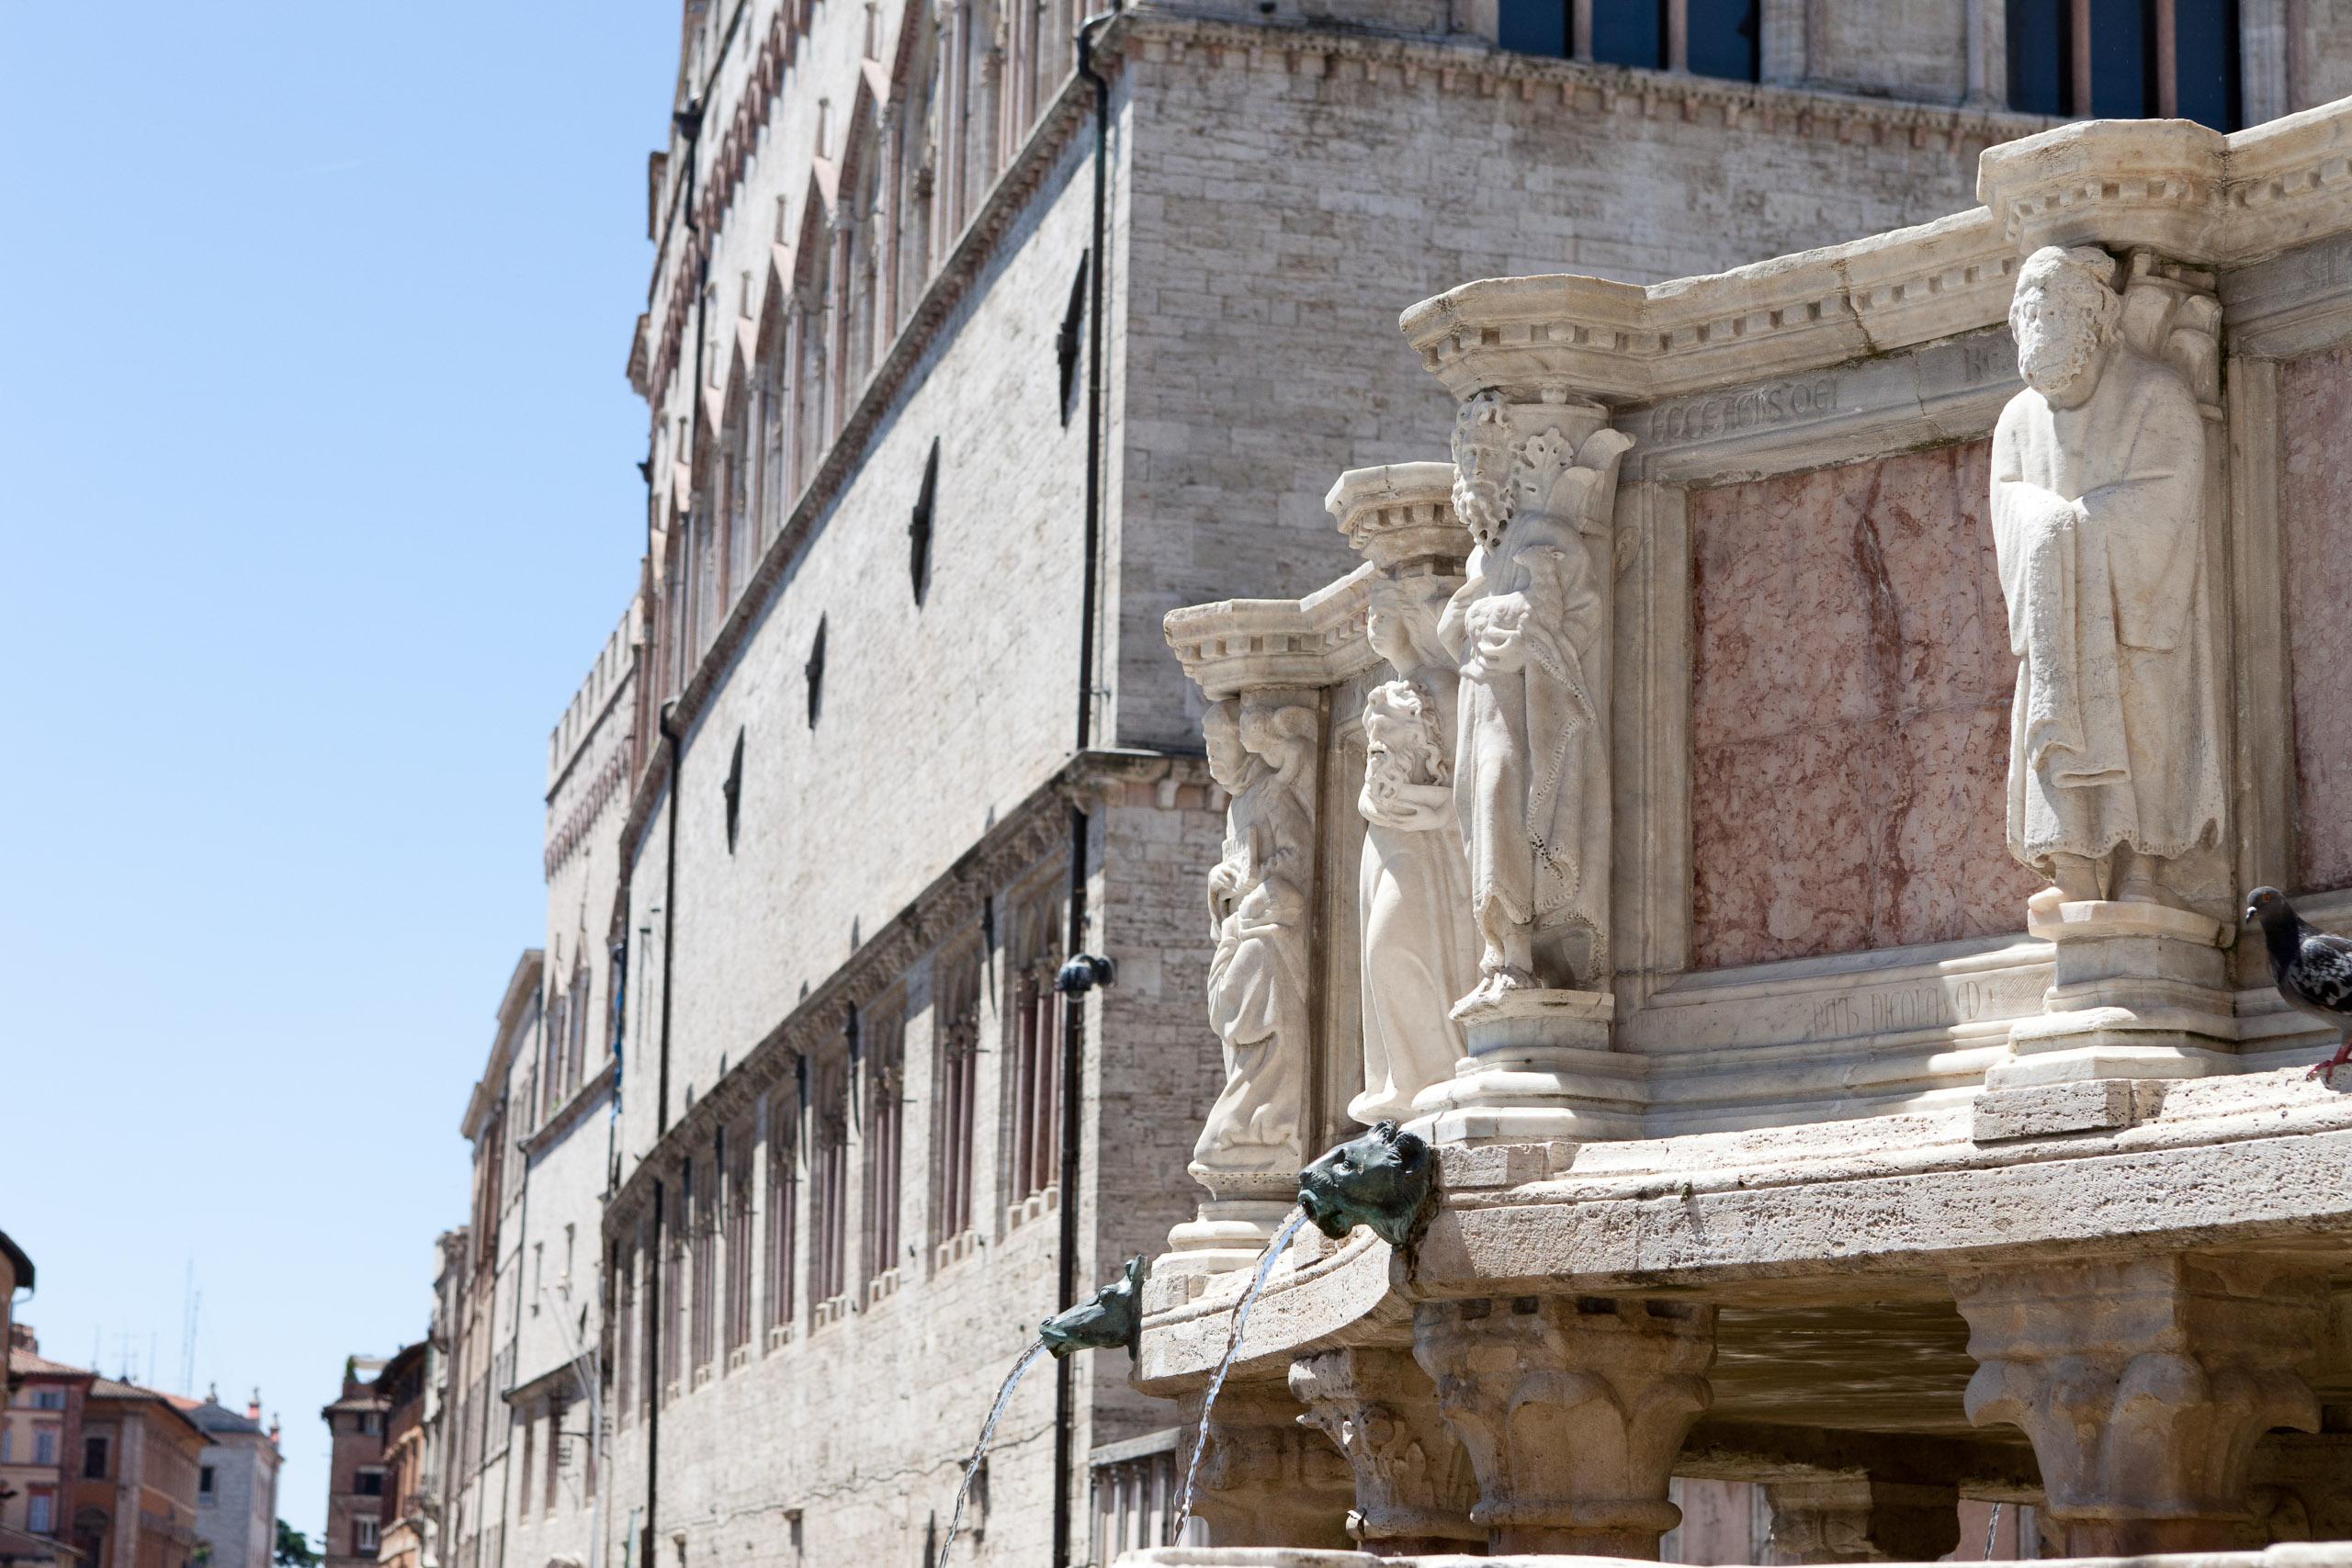 Fontana Maggiore - Articity